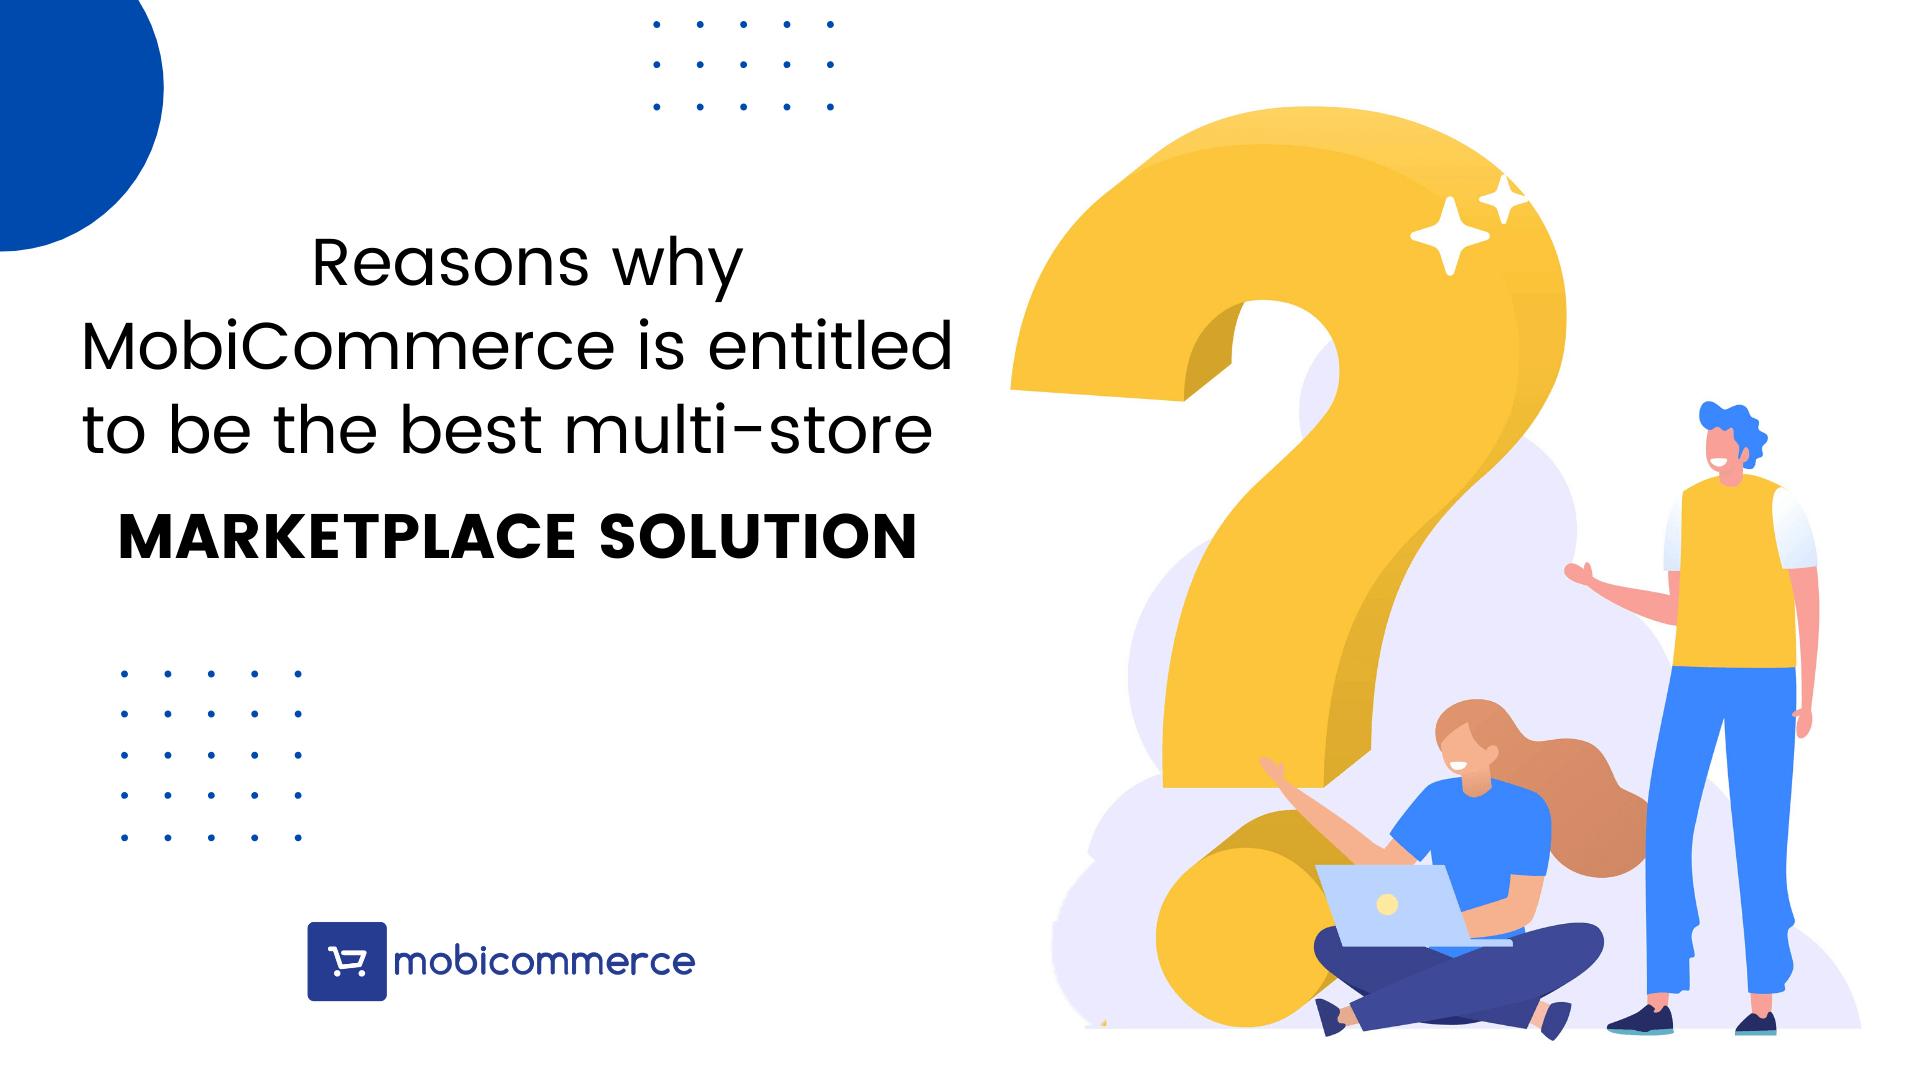 B2B multi-vendor marketplace